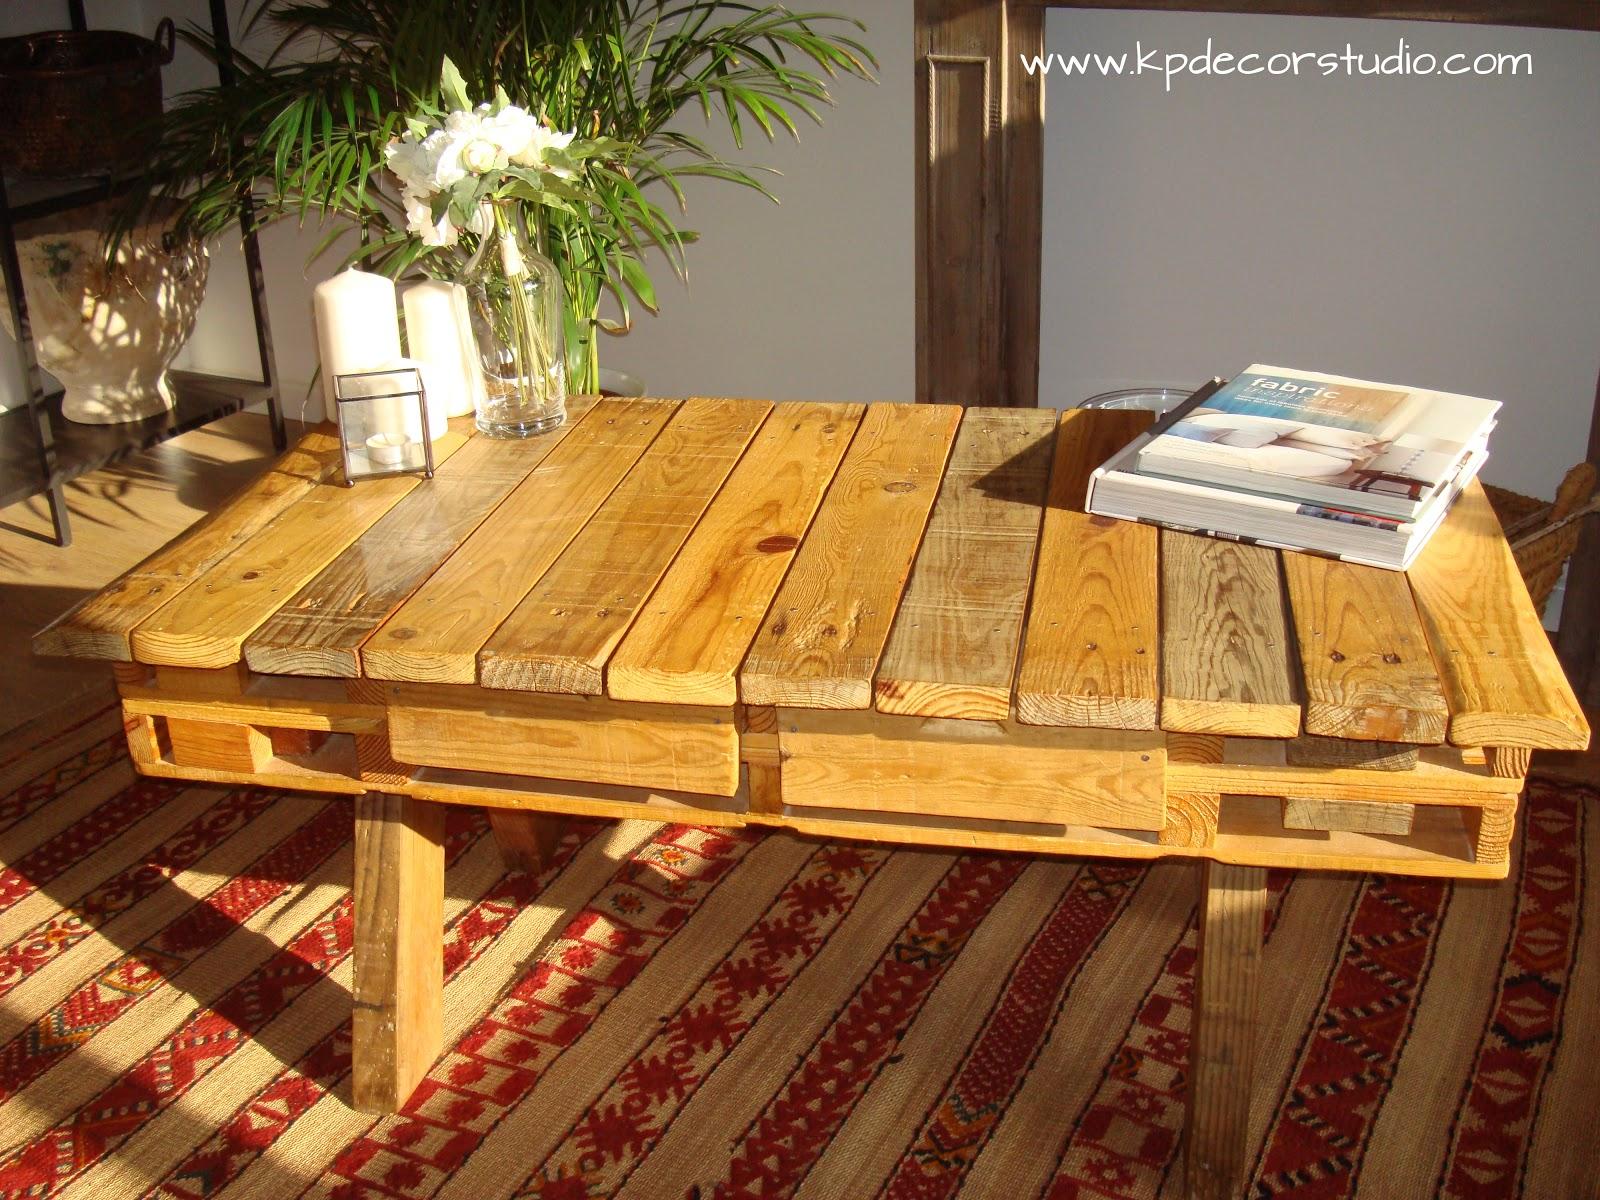 Kp decor studio mesa de madera palet por encargo - Comprar decoracion vintage ...